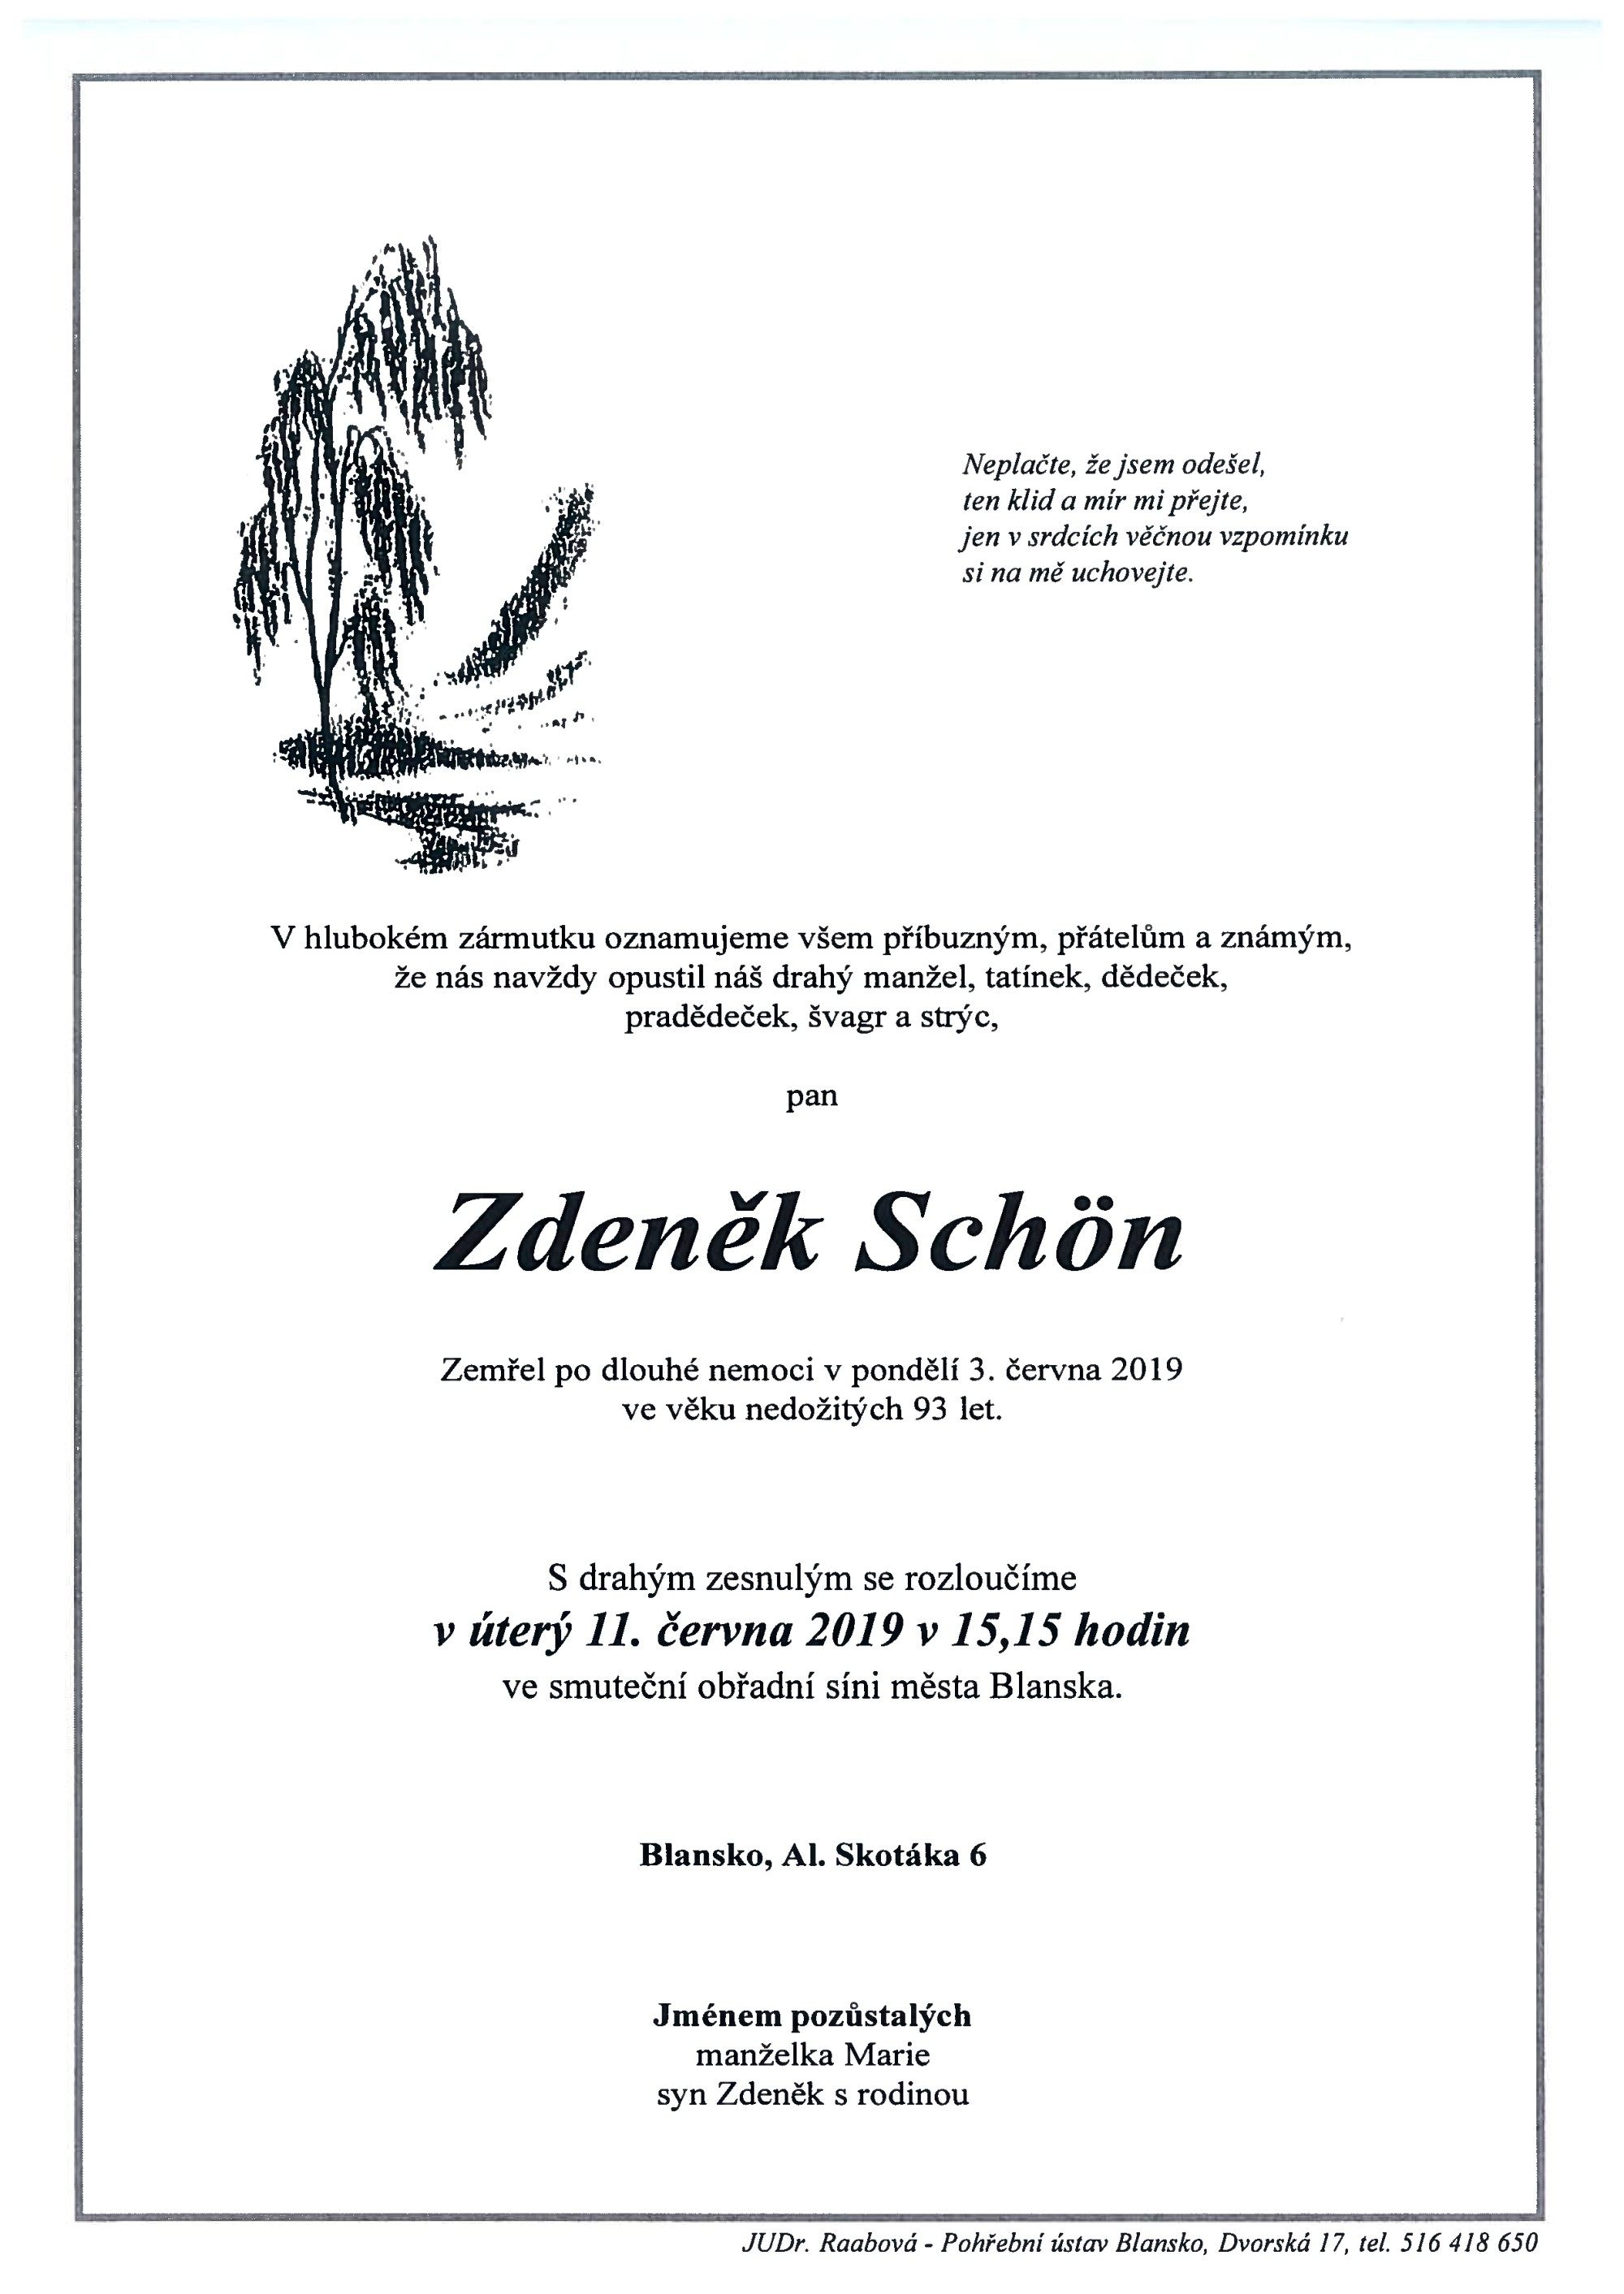 Zdeněk Schön